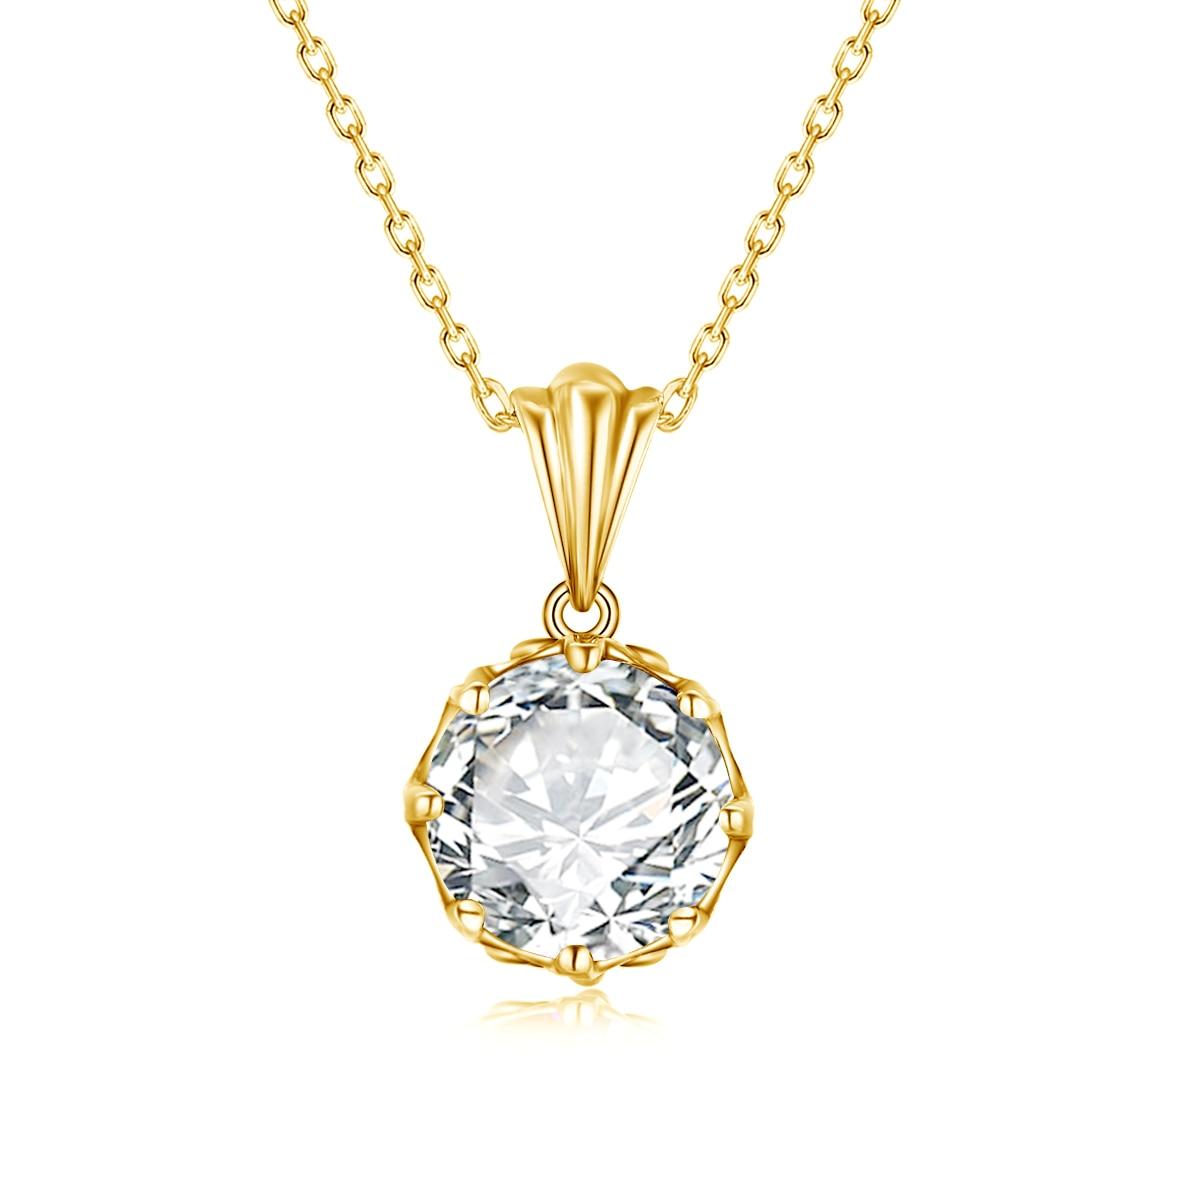 Szjinao 585 مطلية بالذهب 10 مللي متر D اللون مويسانيتي قلادة المرأة قطع مستديرة الصلبة 925 فضة زهرة المشاركة مجوهرات 2021